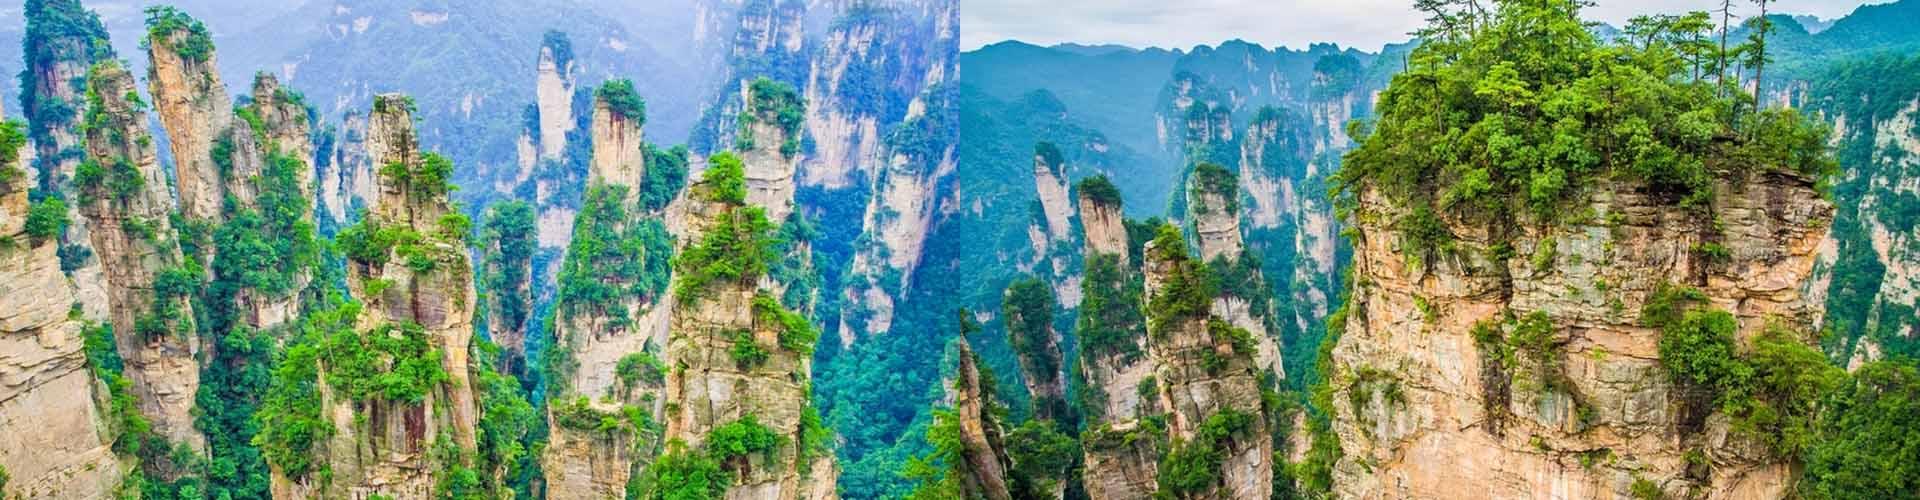 Yuanjiajie-site Avatar à Zhangjiajie